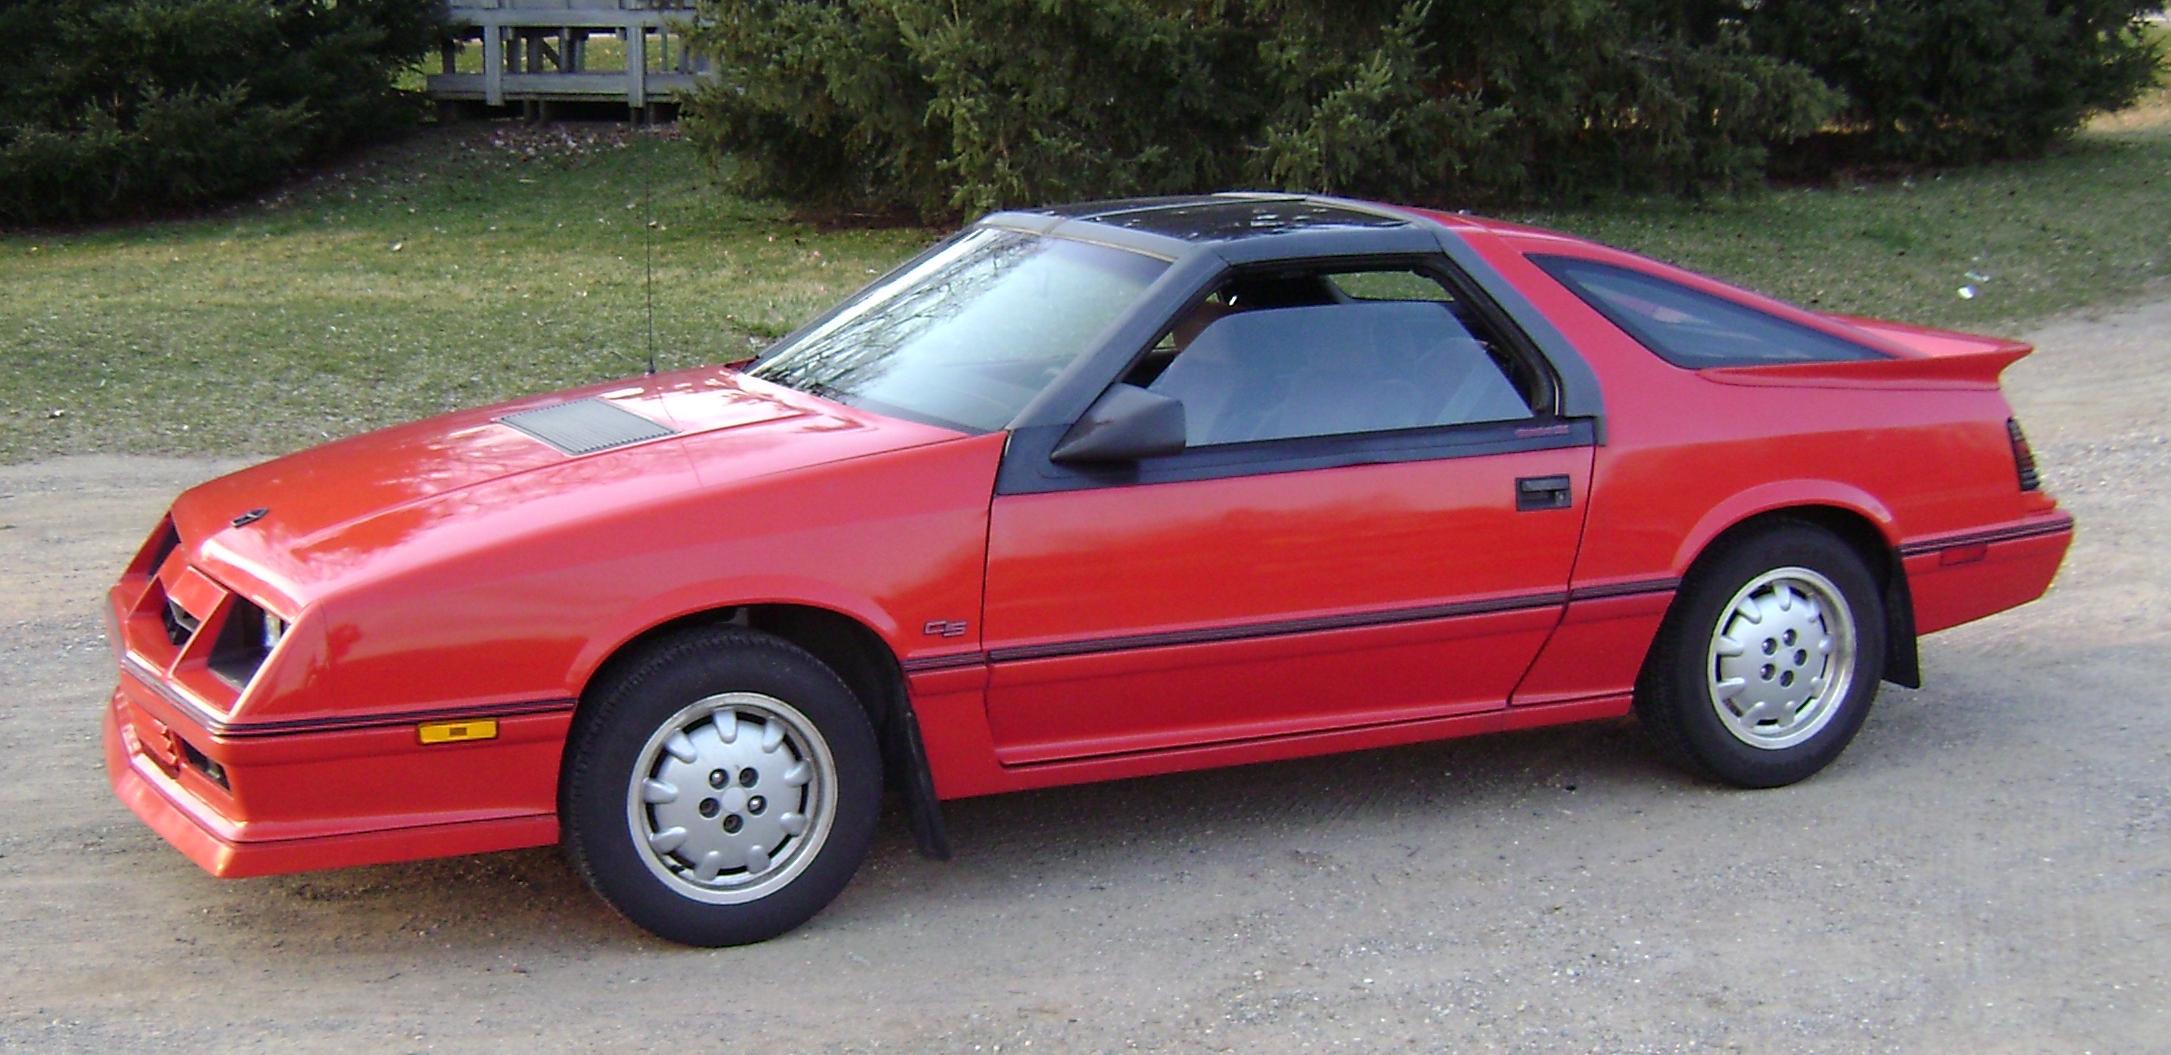 1986 Daytona Turbo Z CS Carroll Shelby with T roof